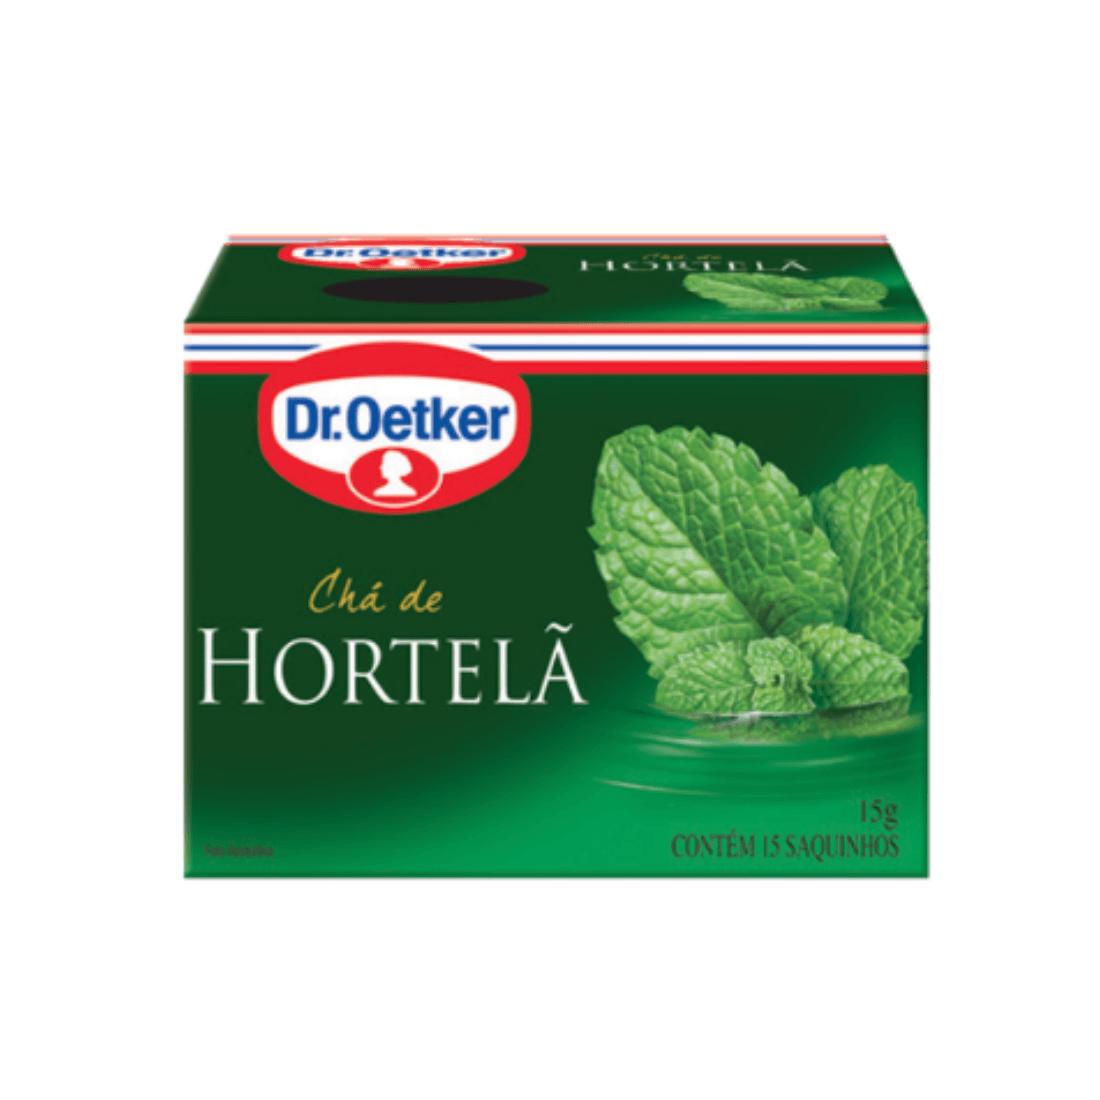 CHÁ HORTELÃ DR OETKER SACHÊ 15G CAIXA 15 UNIDADES